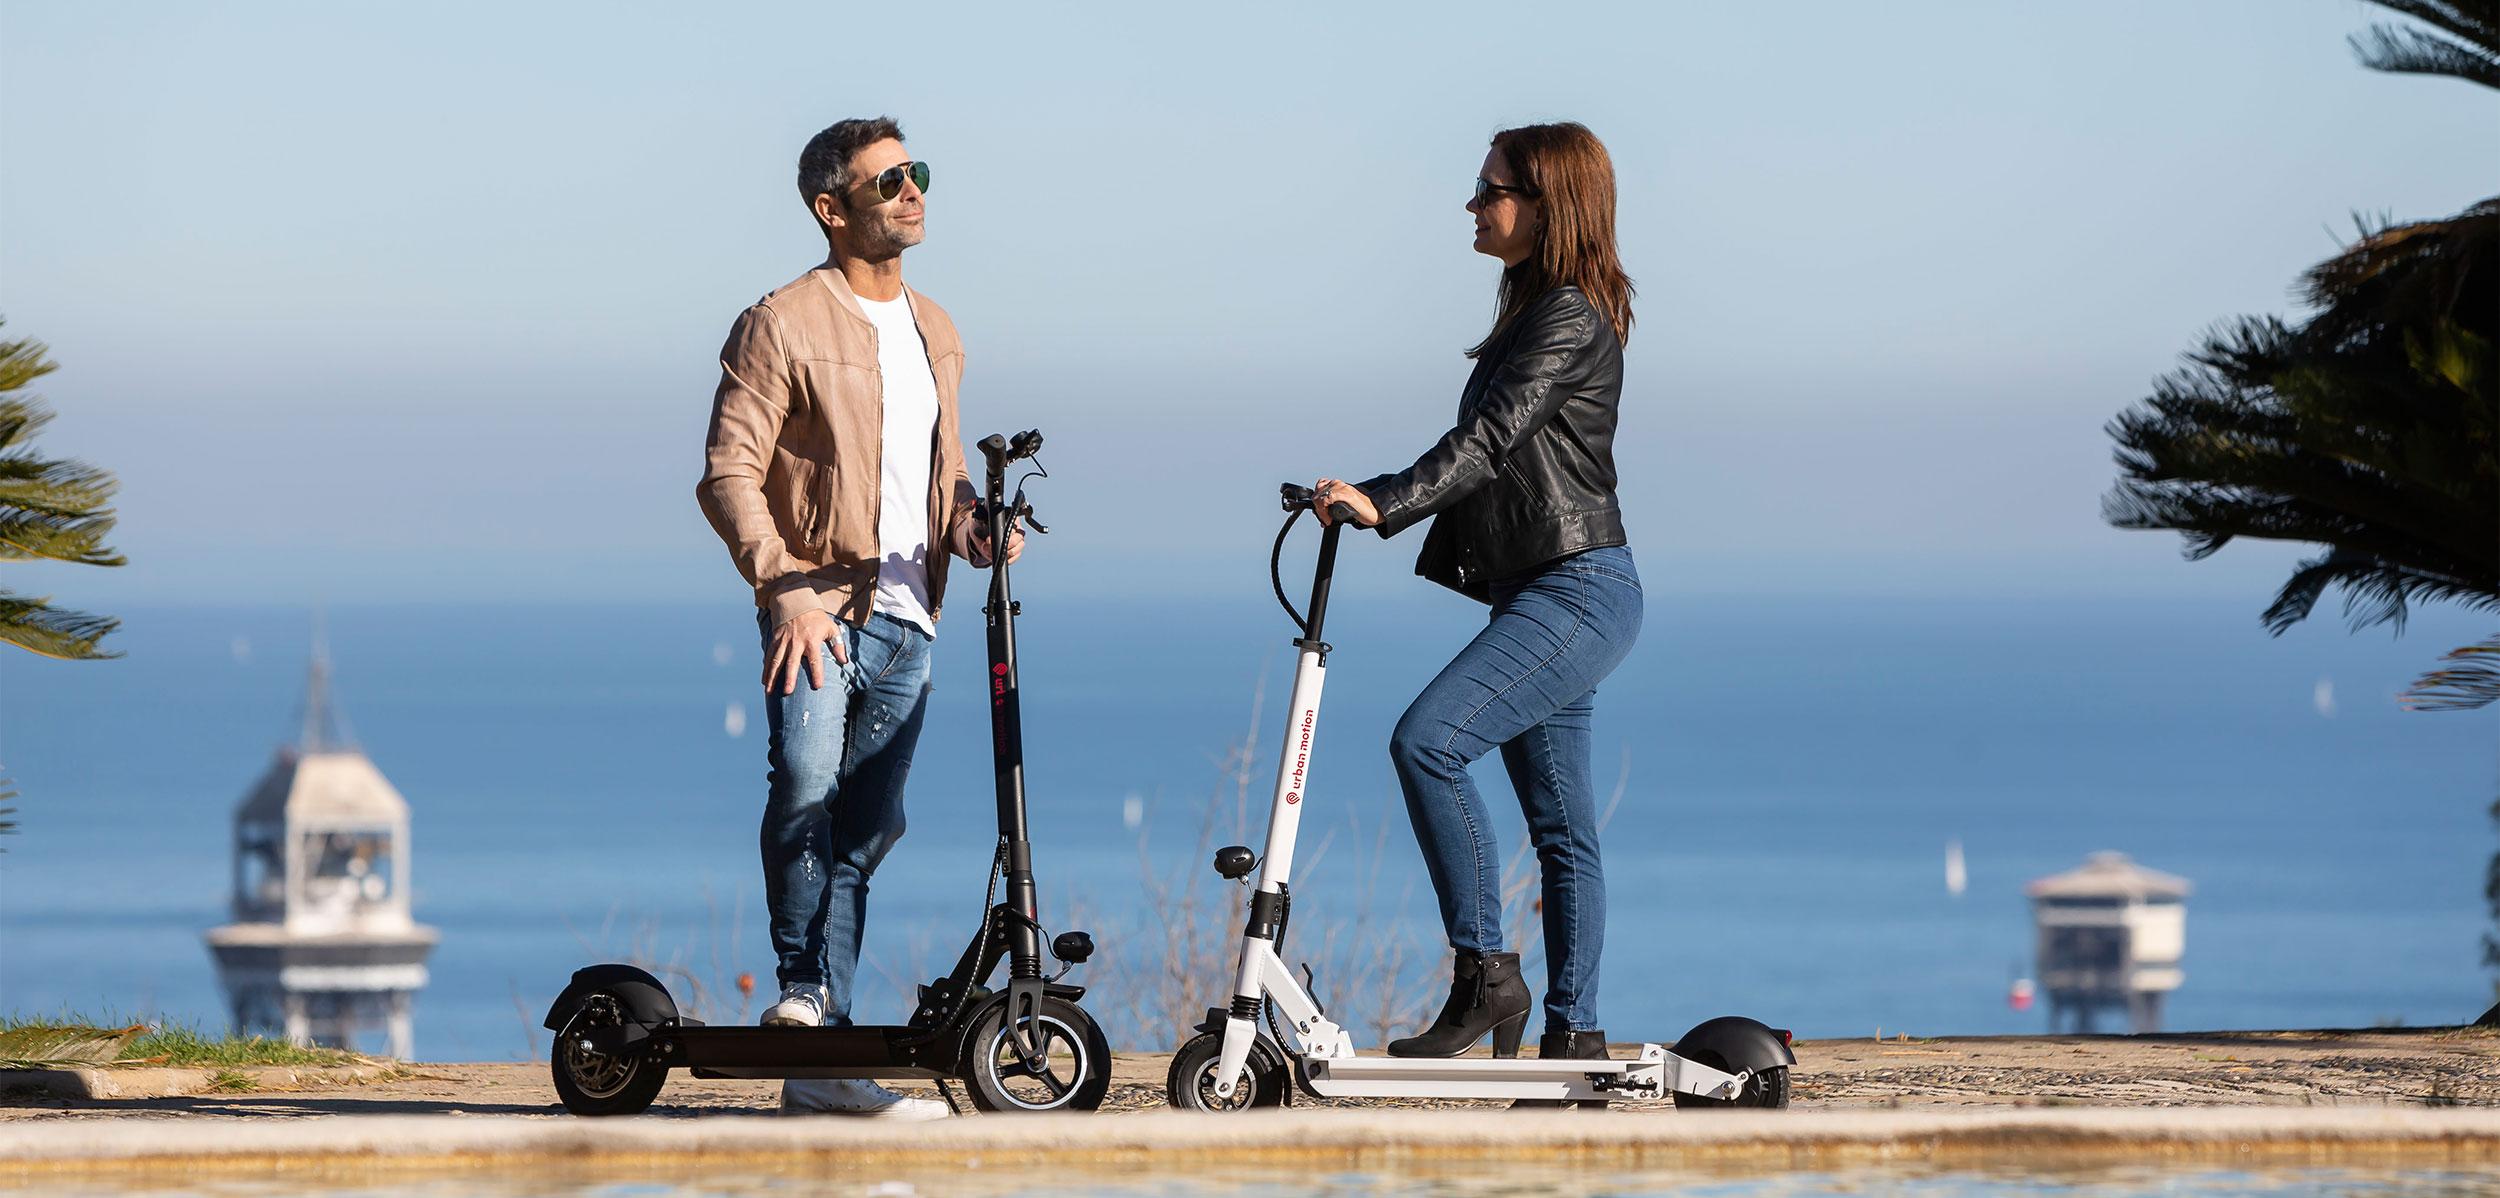 pareja con patinetes electricos